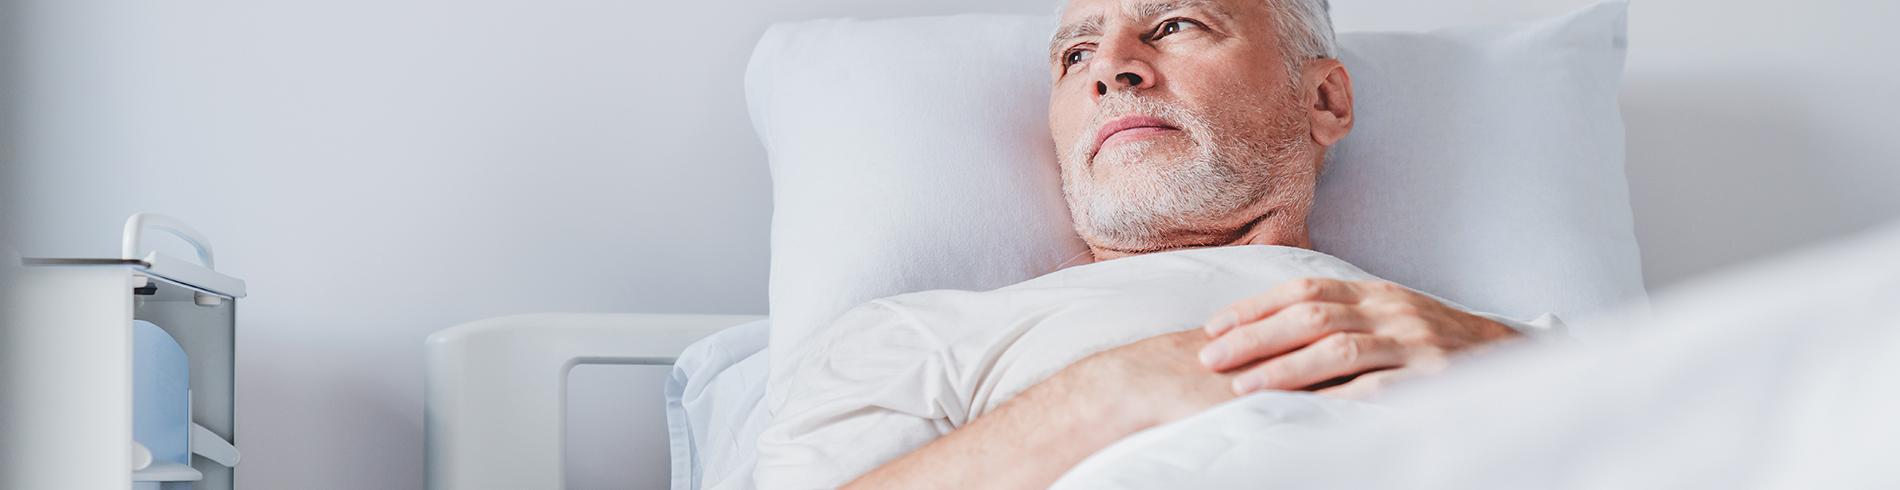 Hospitalisation insurance